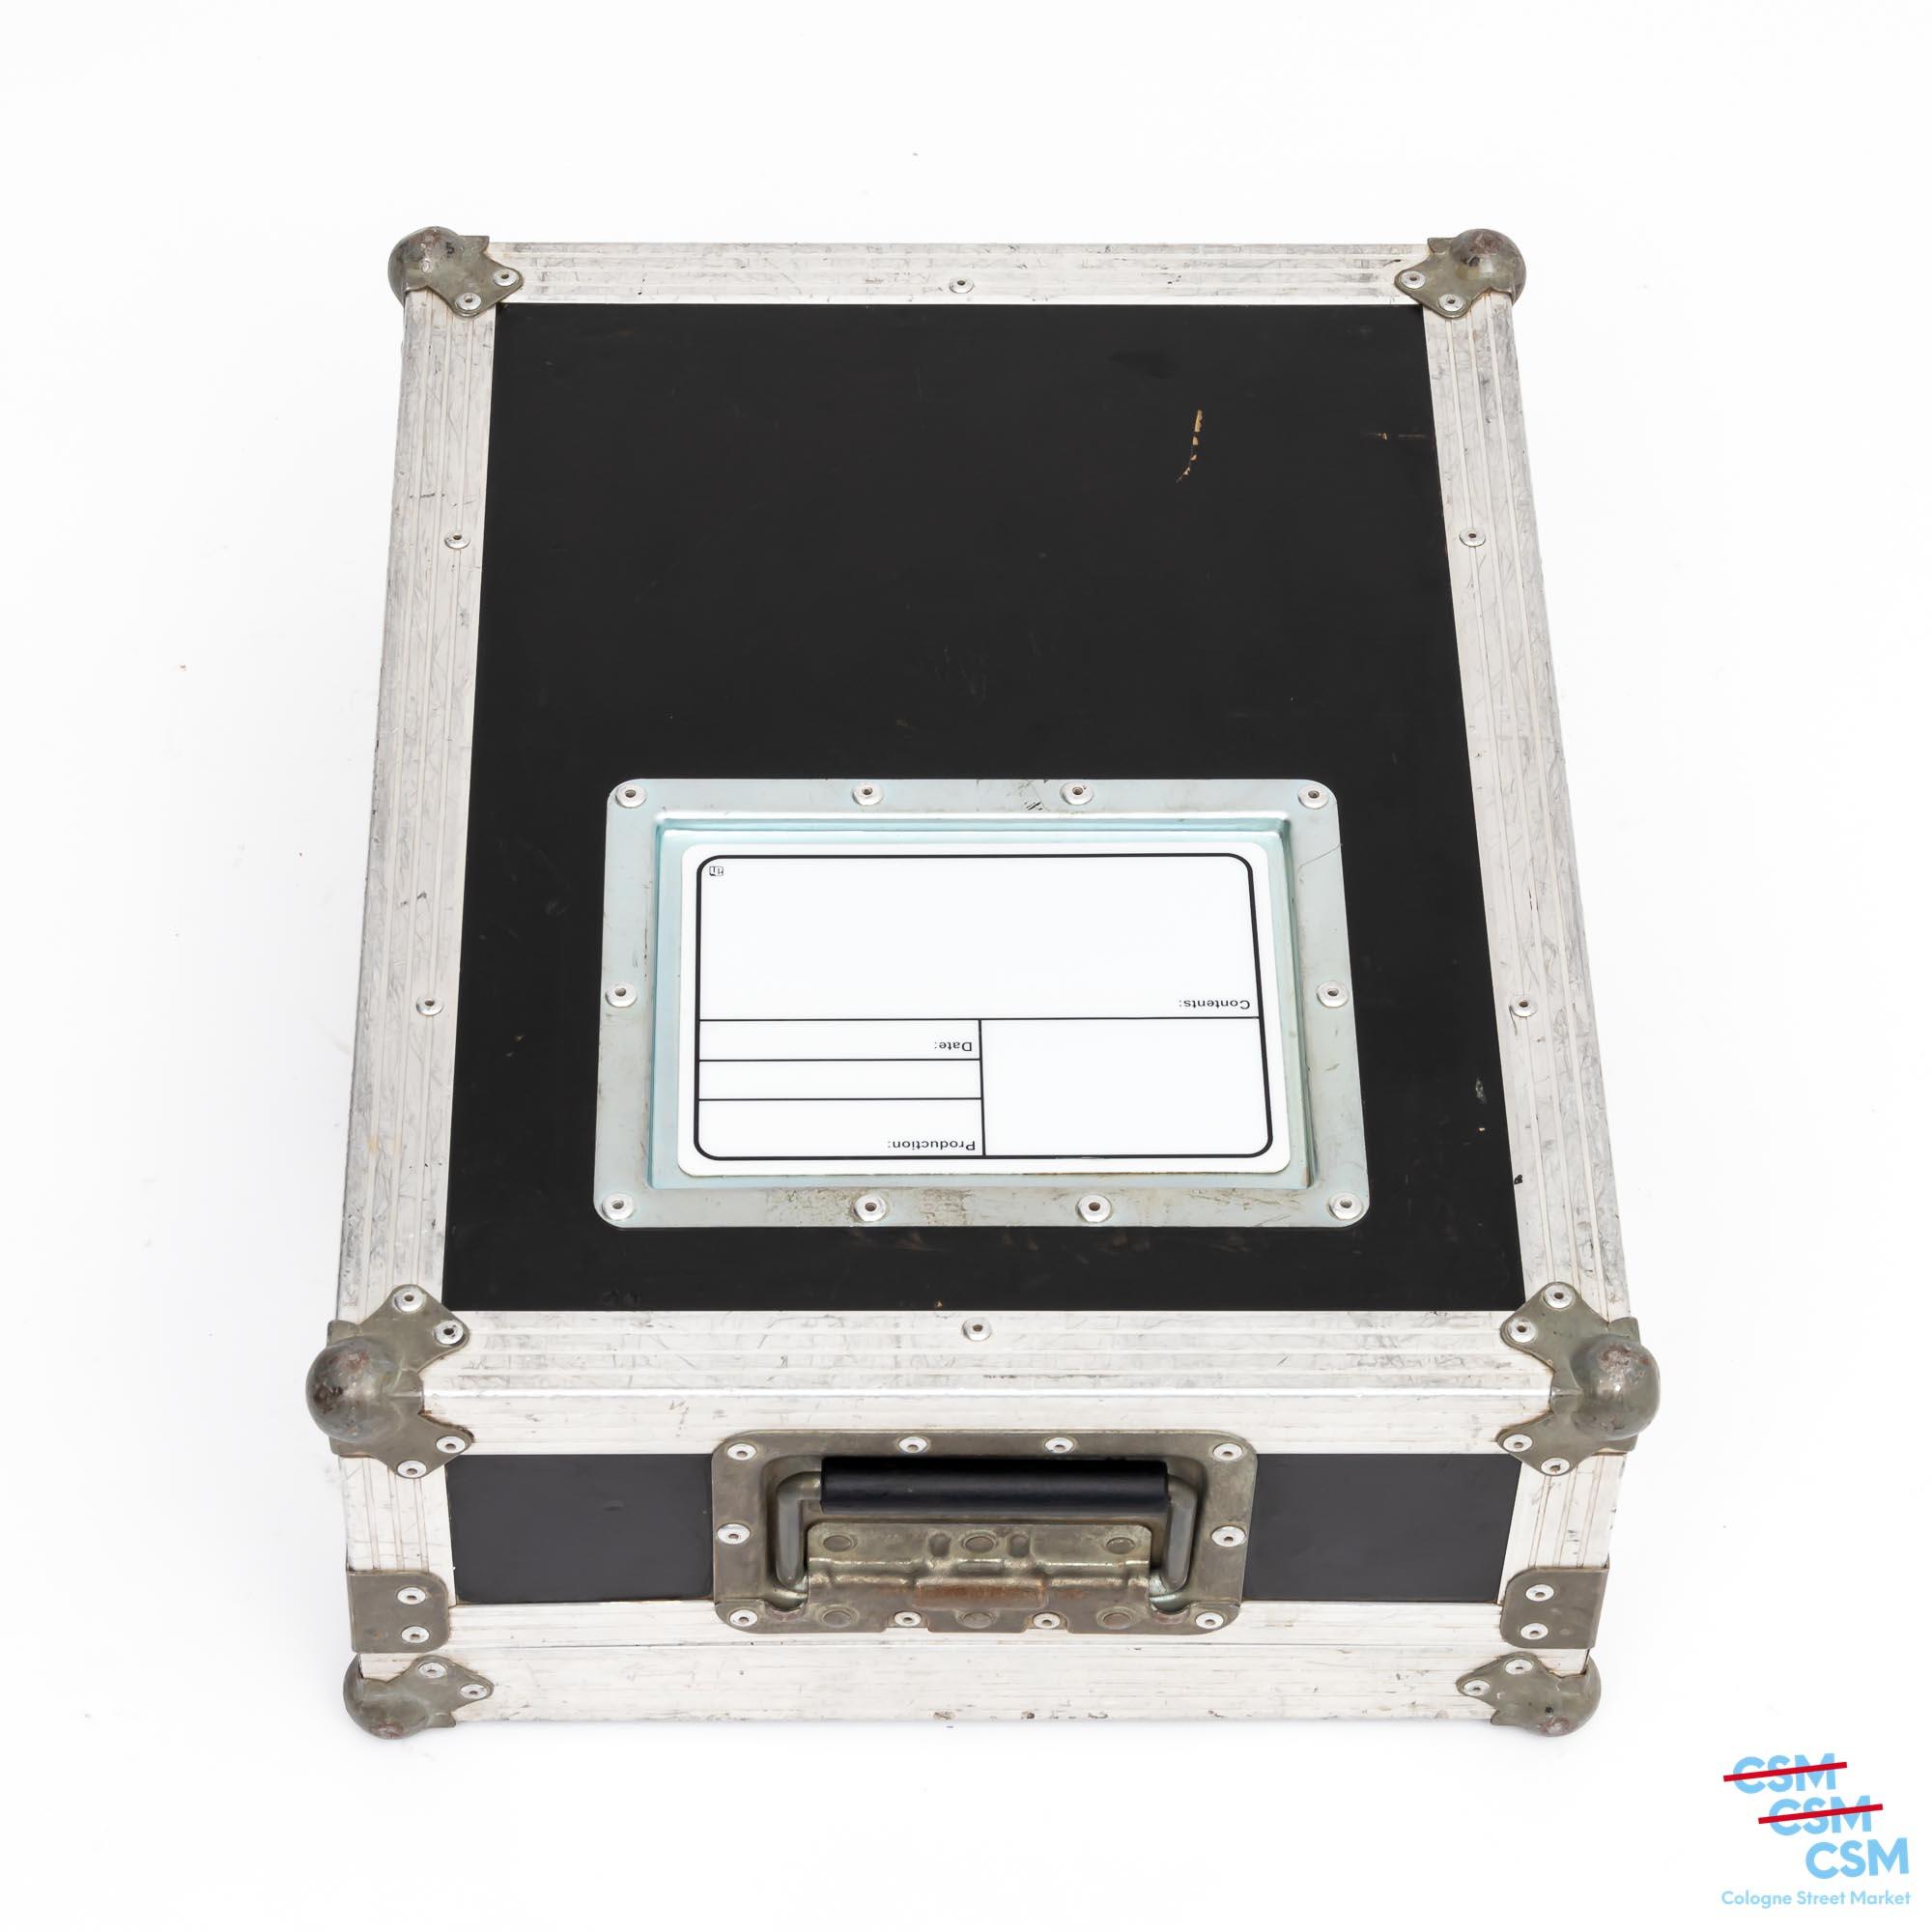 Flightcase Mixer universal gebraucht 1 1